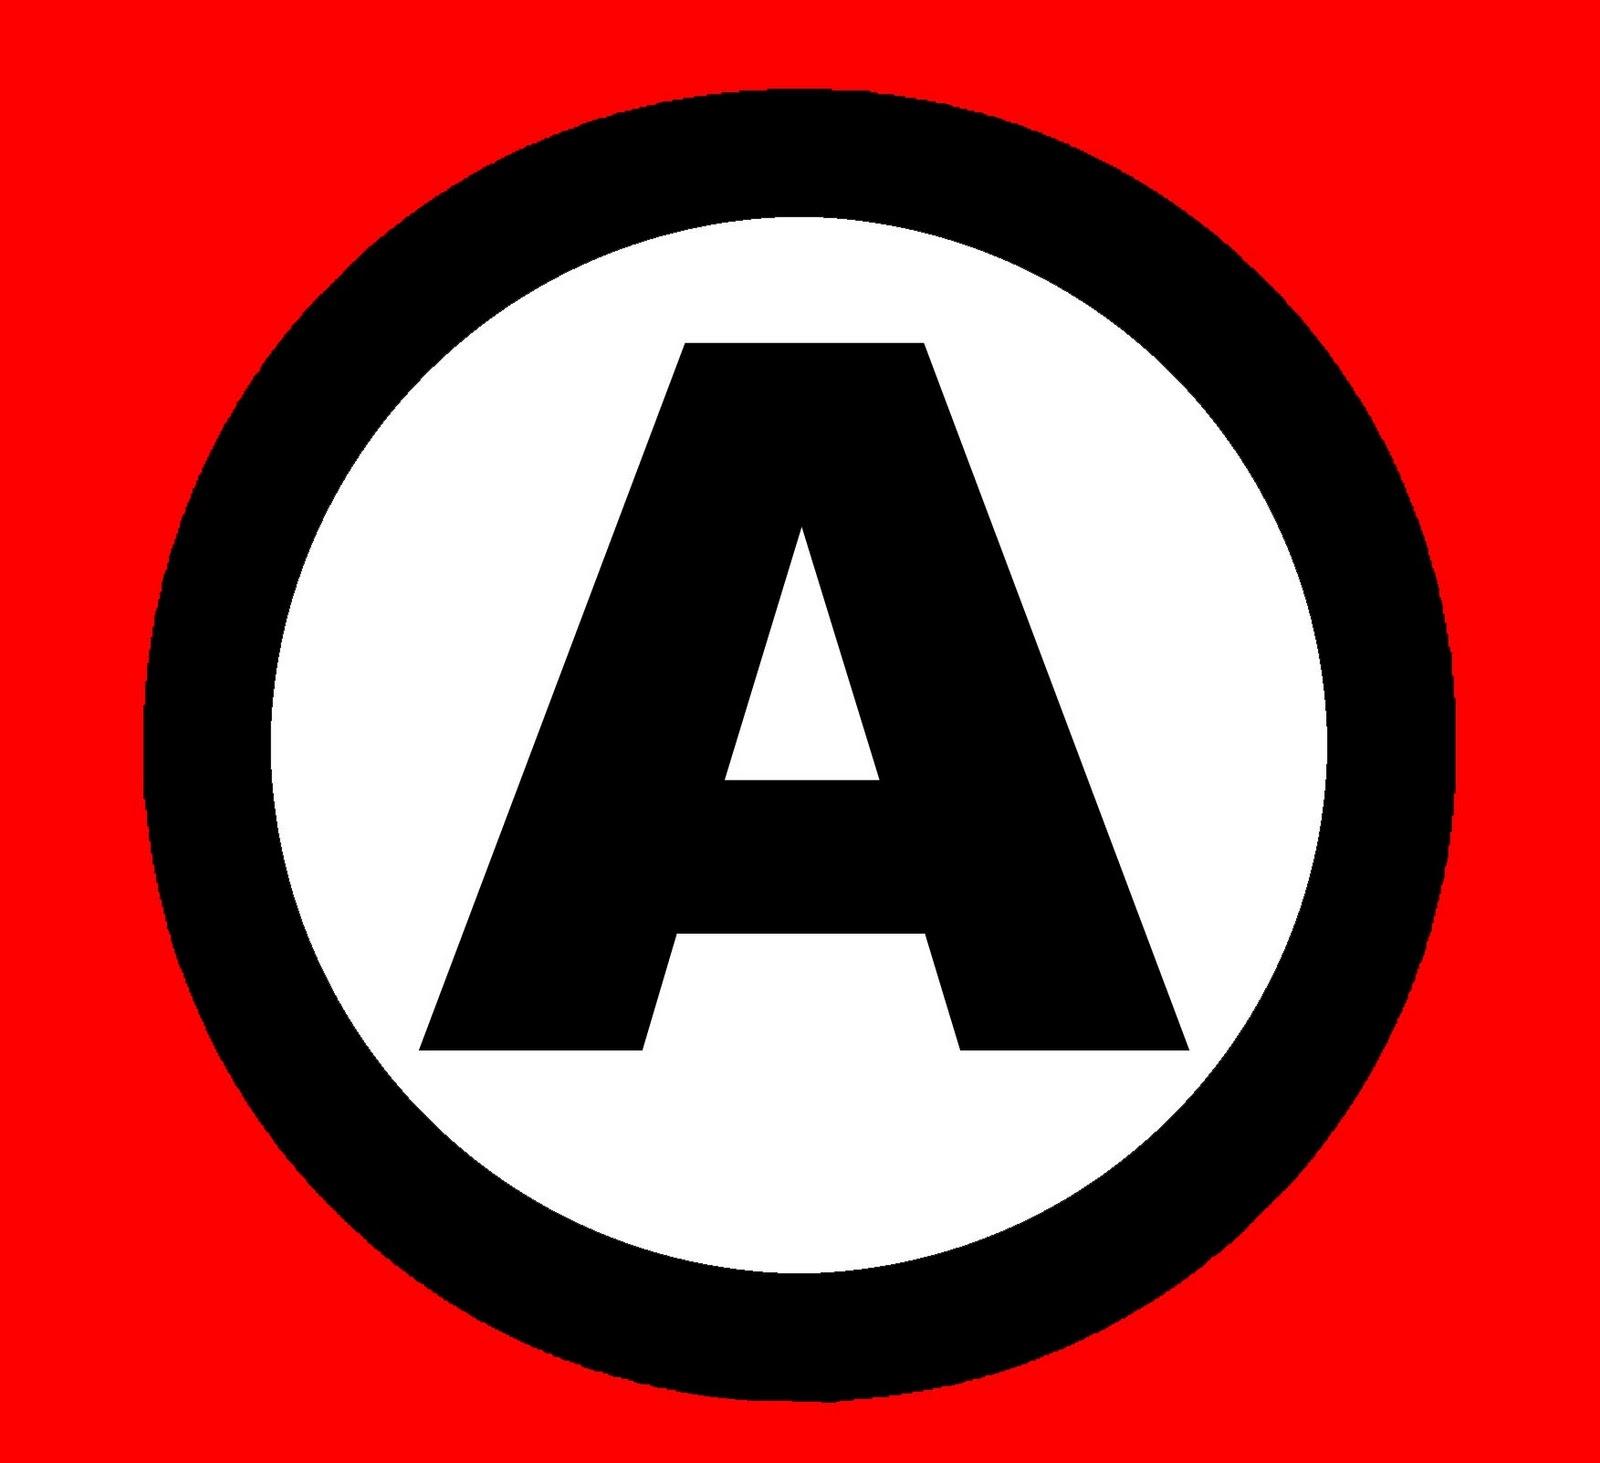 Backwards Nazi Symbol ...